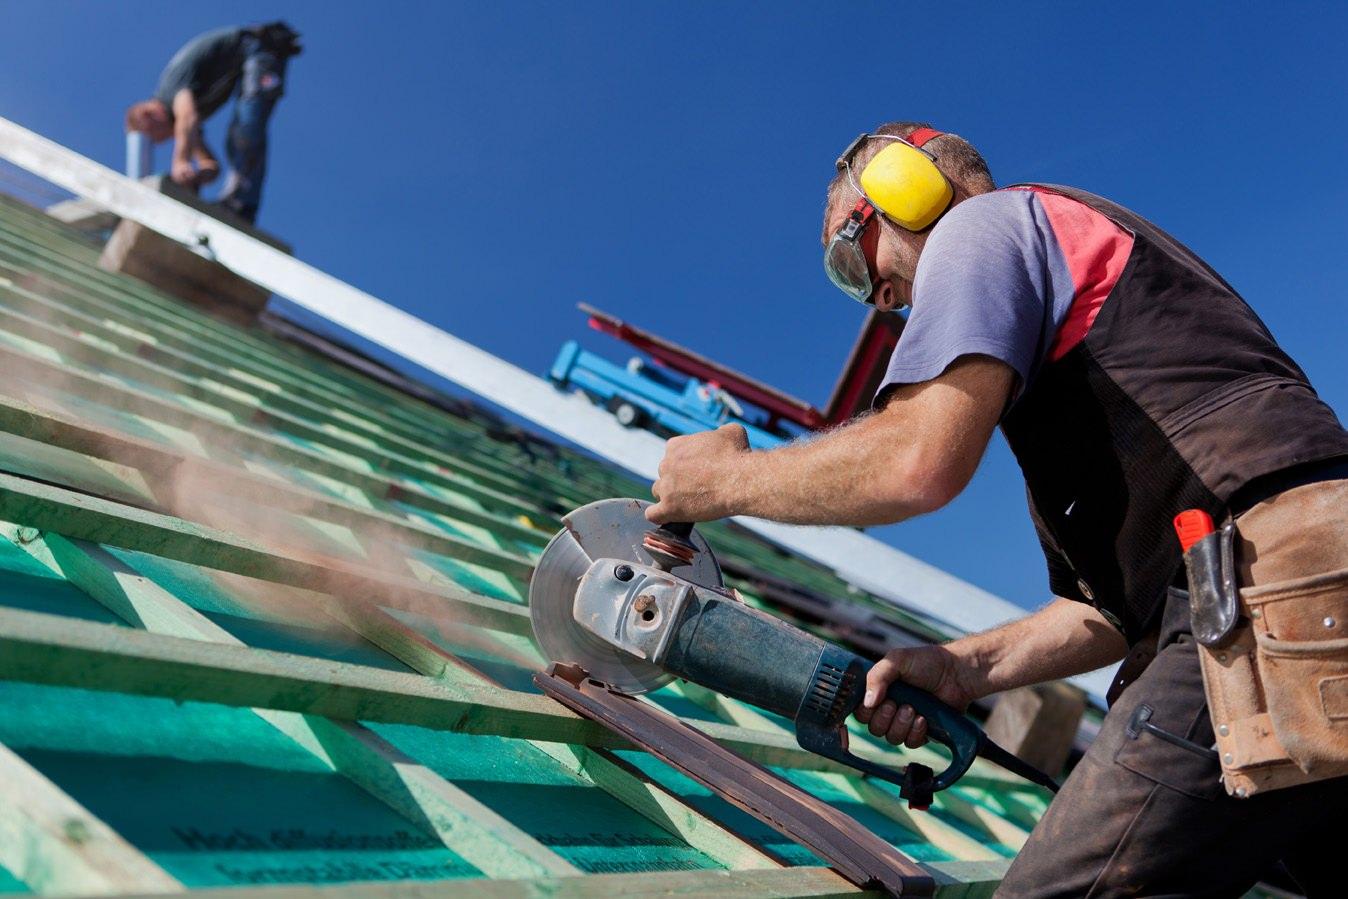 La malattia degli operai edili, cosa prevede il CCNL